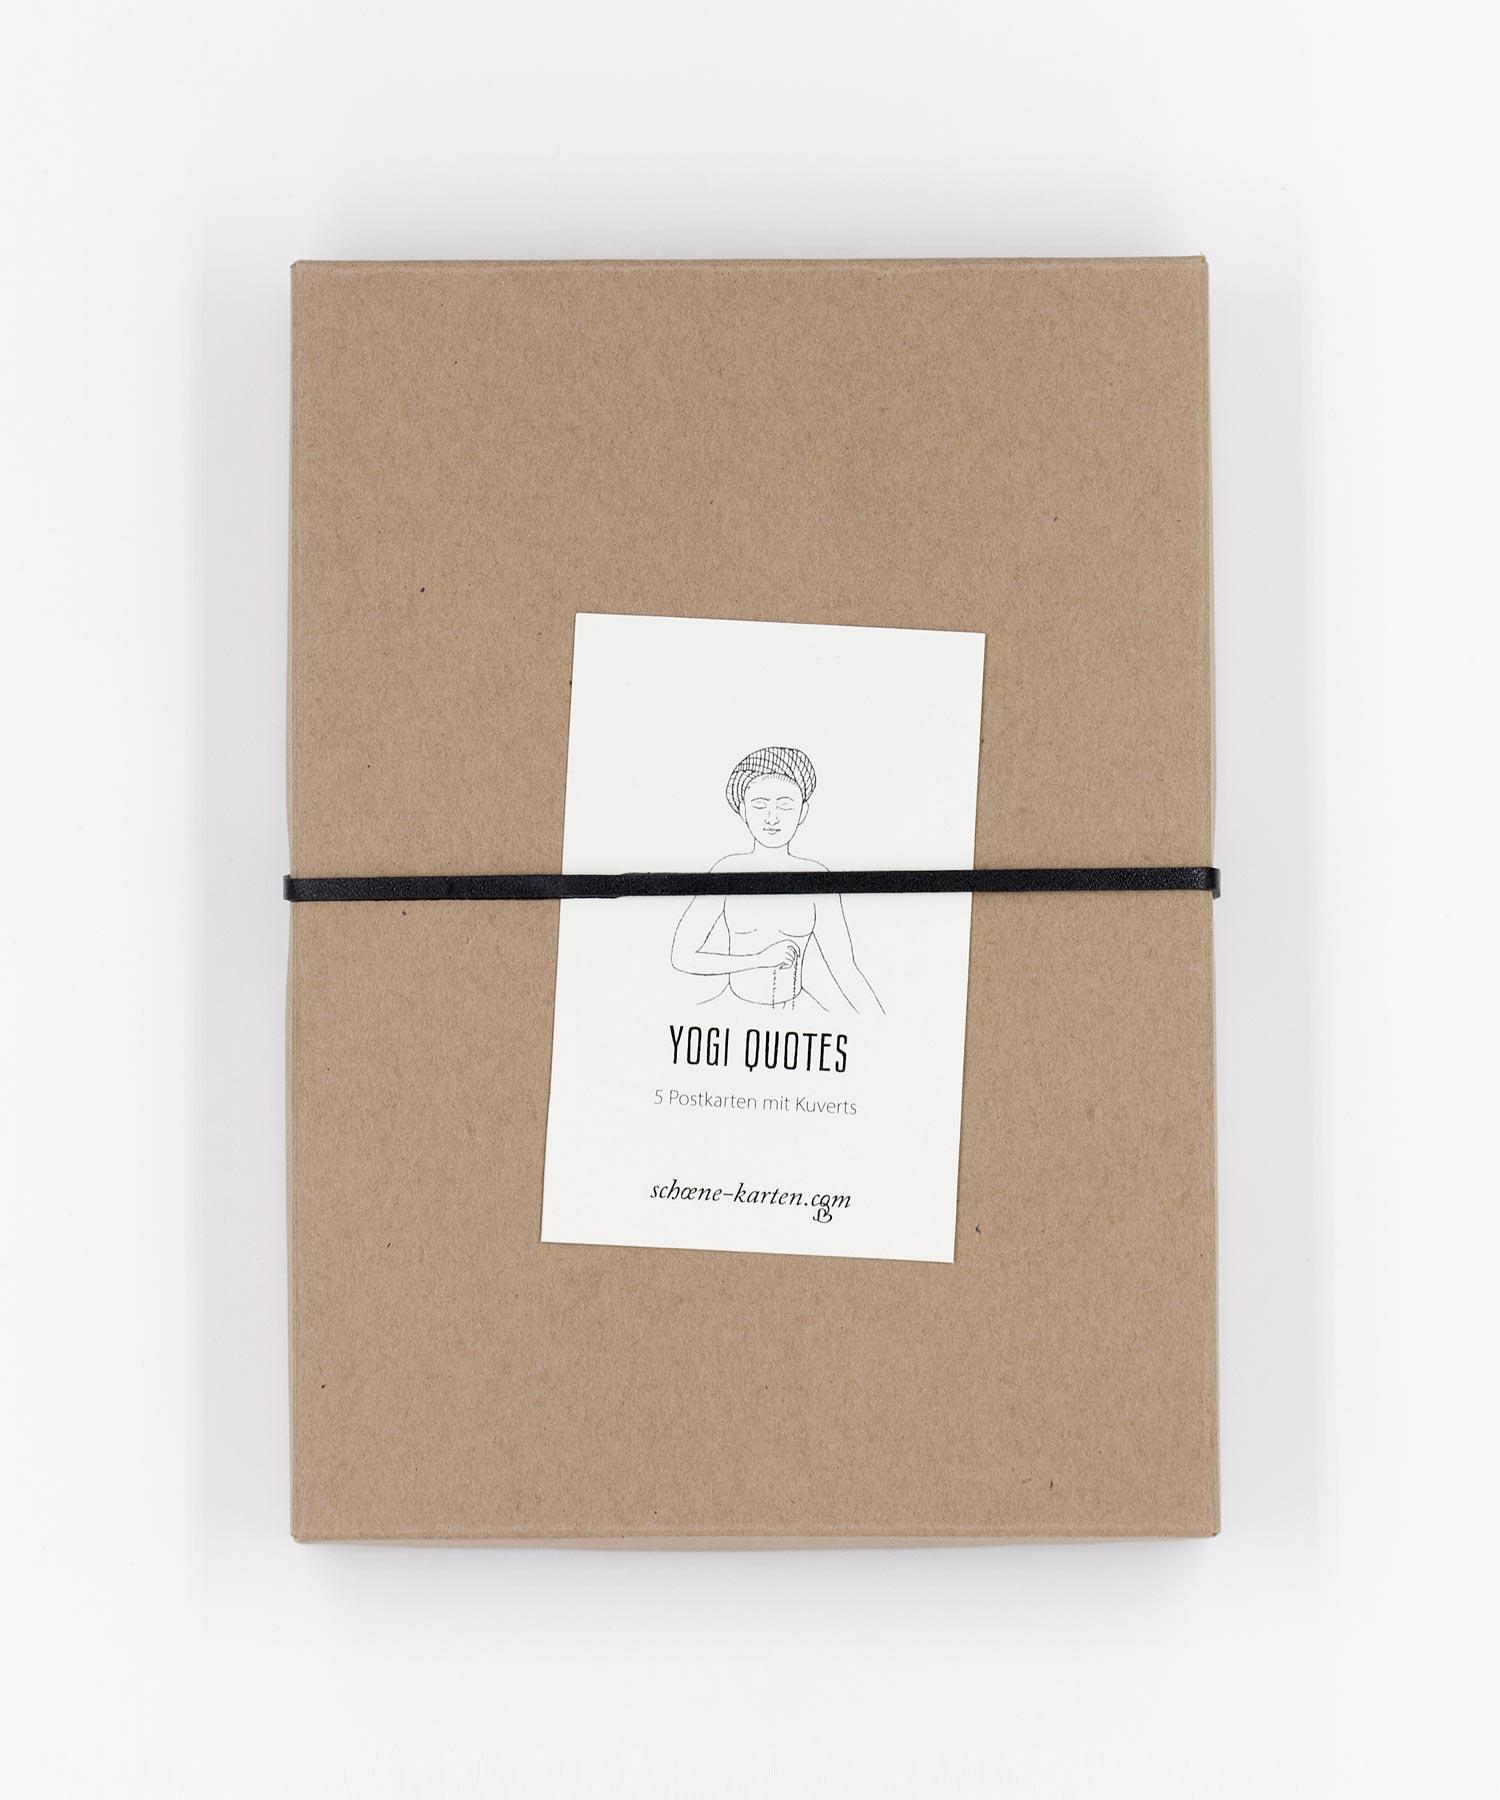 Yogi Quotes Postkarten Box